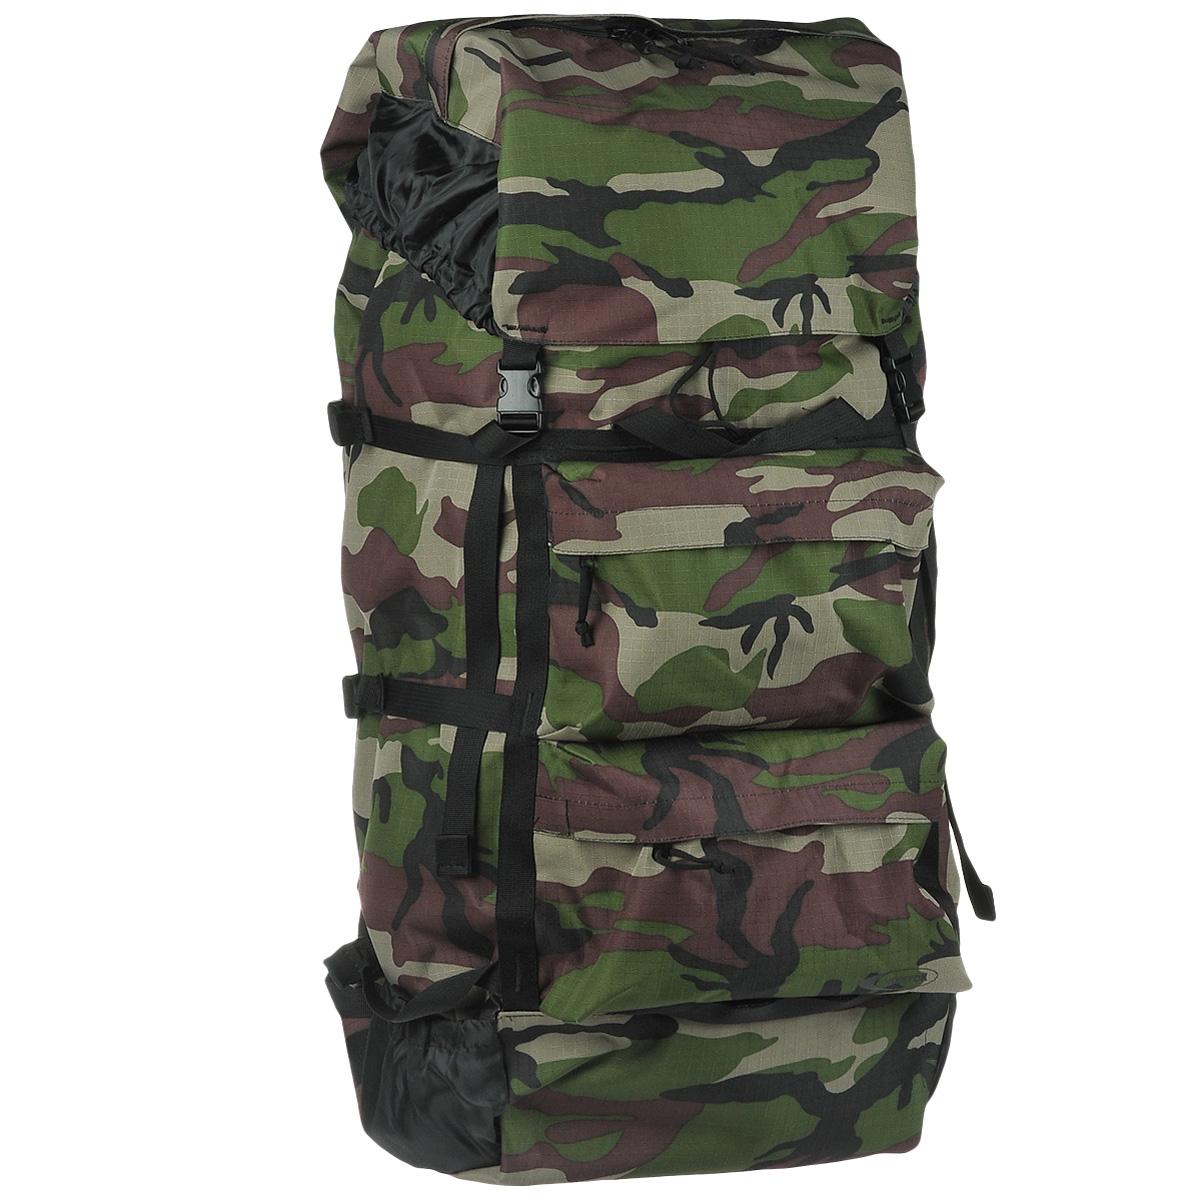 """Huntsman """"Пикбастон"""" - это мягкий вместительный рюкзак, предназначенный для походов разной категории сложности. Особенности рюкзака: Непромокаемое дно Корпус усилен стропами с шестью боковыми стяжками Впереди два кармана на молнии под клапаном С боков маленькие открытые карманы для мелочей Внутри регулируемые лямки со стяжкой и спинка уплотнены вспененным полиэтиленом Сверху высокий фартук из капрона, увеличивающий объём Верх рюкзака и фартук стягиваются шнуром с фиксатором и закрываются клапаном с карманом на молнии на две защёлки Ручка для переноски рюкзака."""